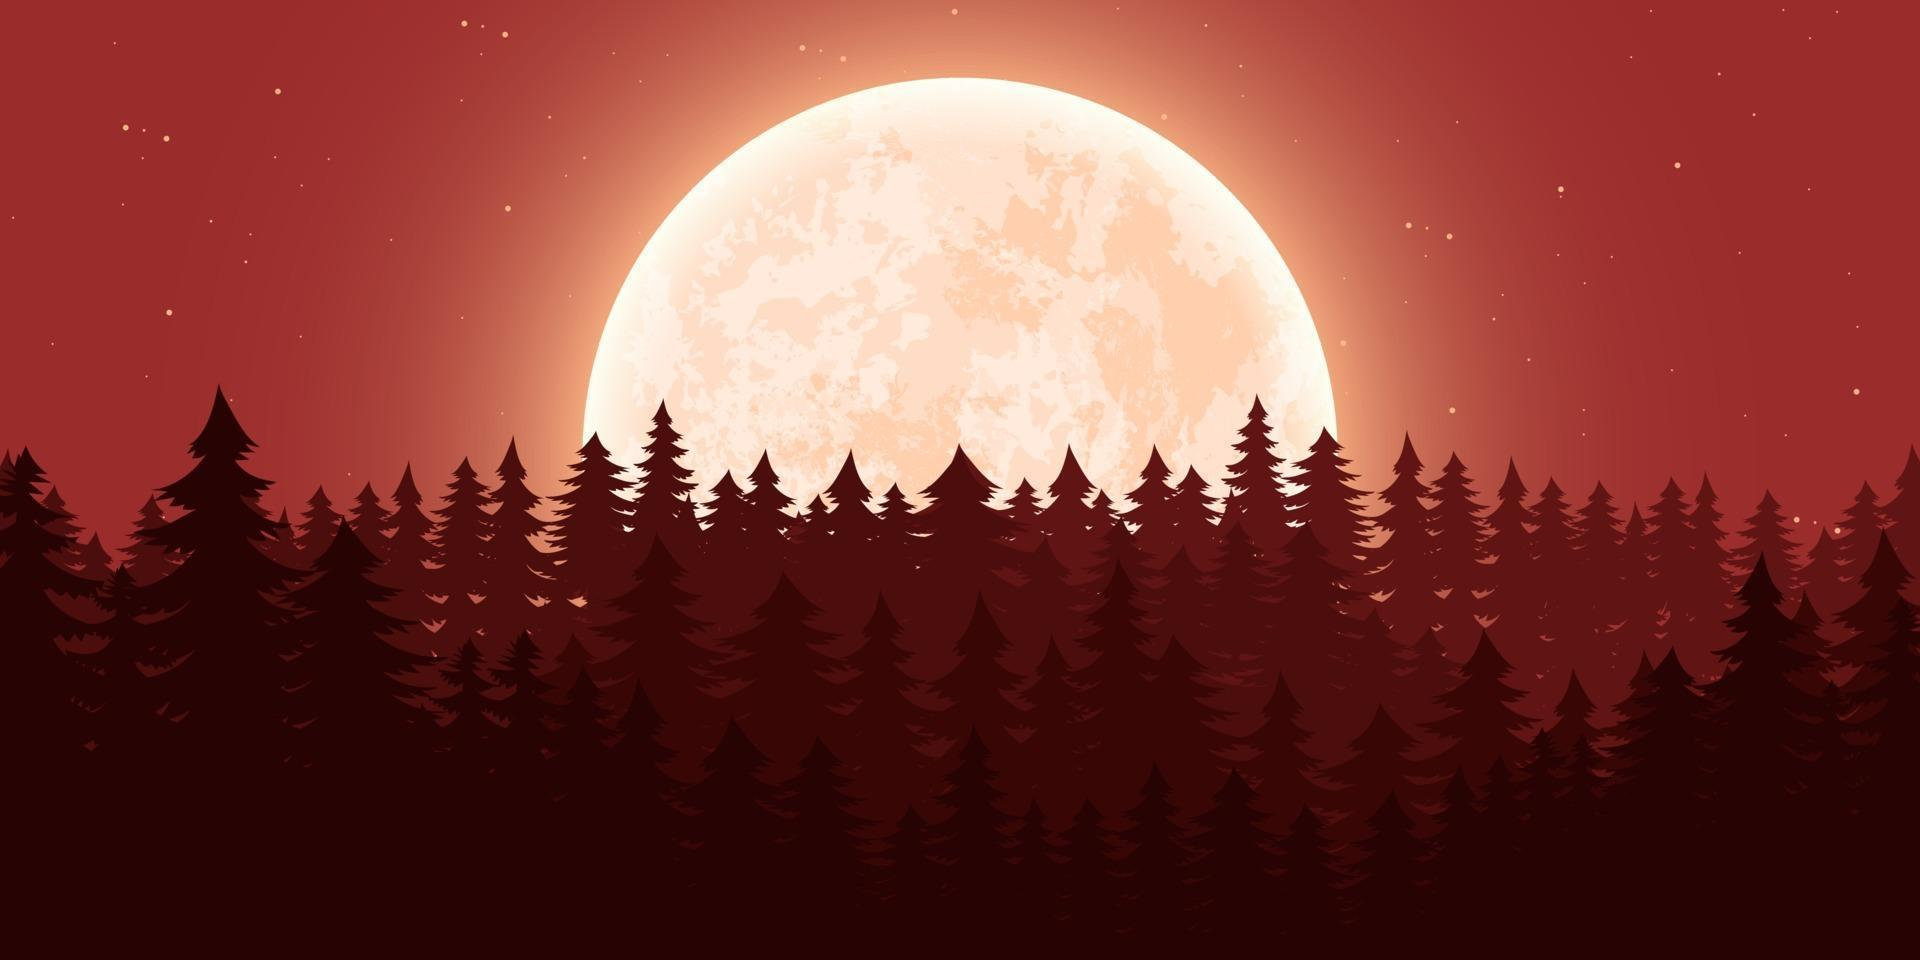 Mond Natur Landschaft Hintergrund Vektor Design Illustration